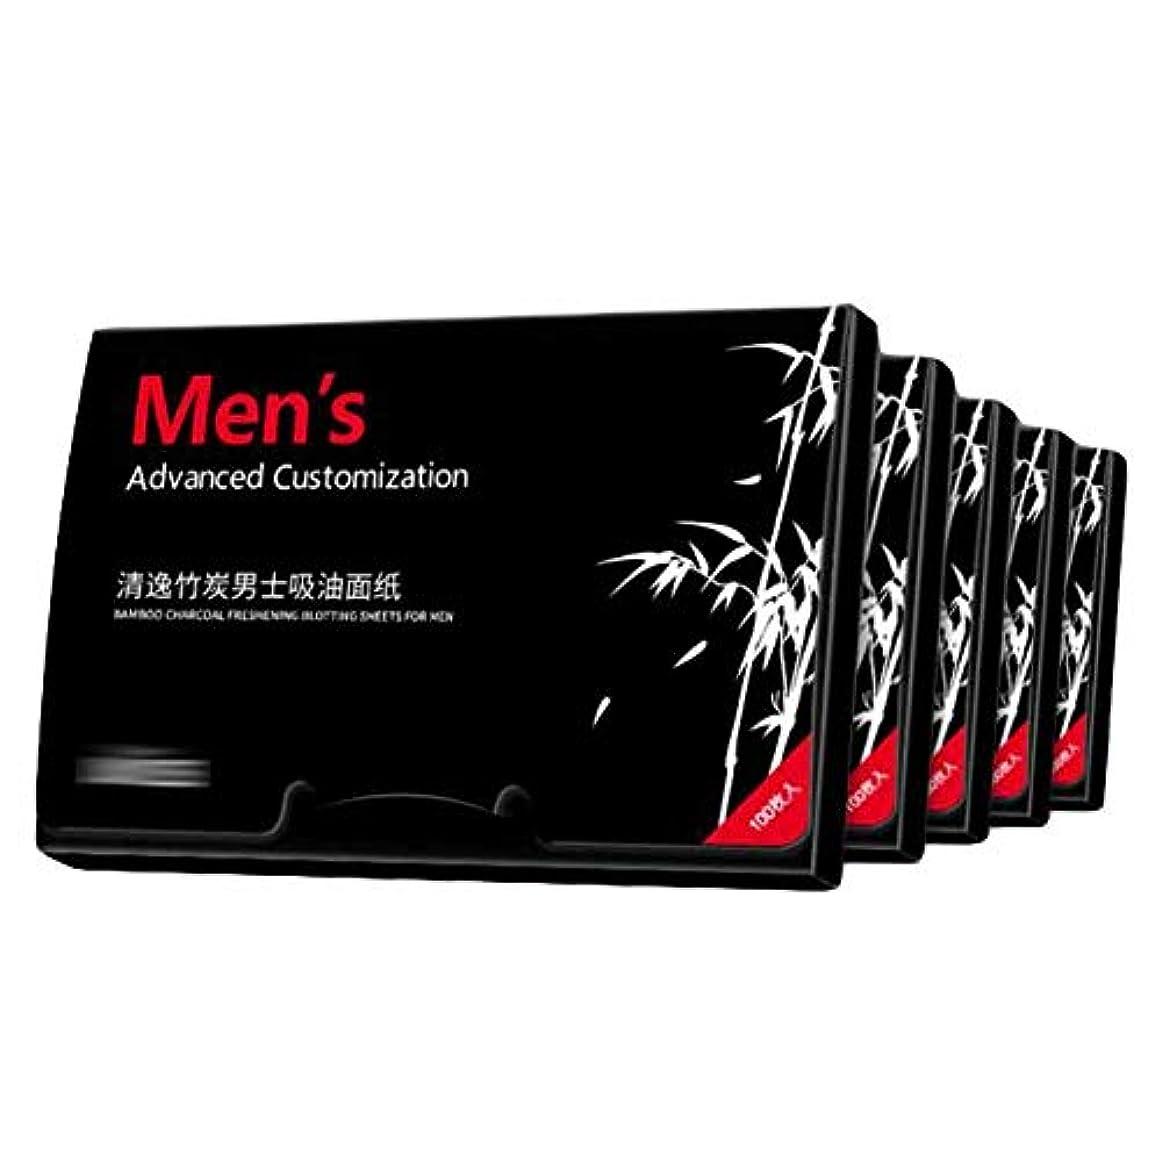 サービス雇った参加者男性竹炭夏吸油紙、500枚